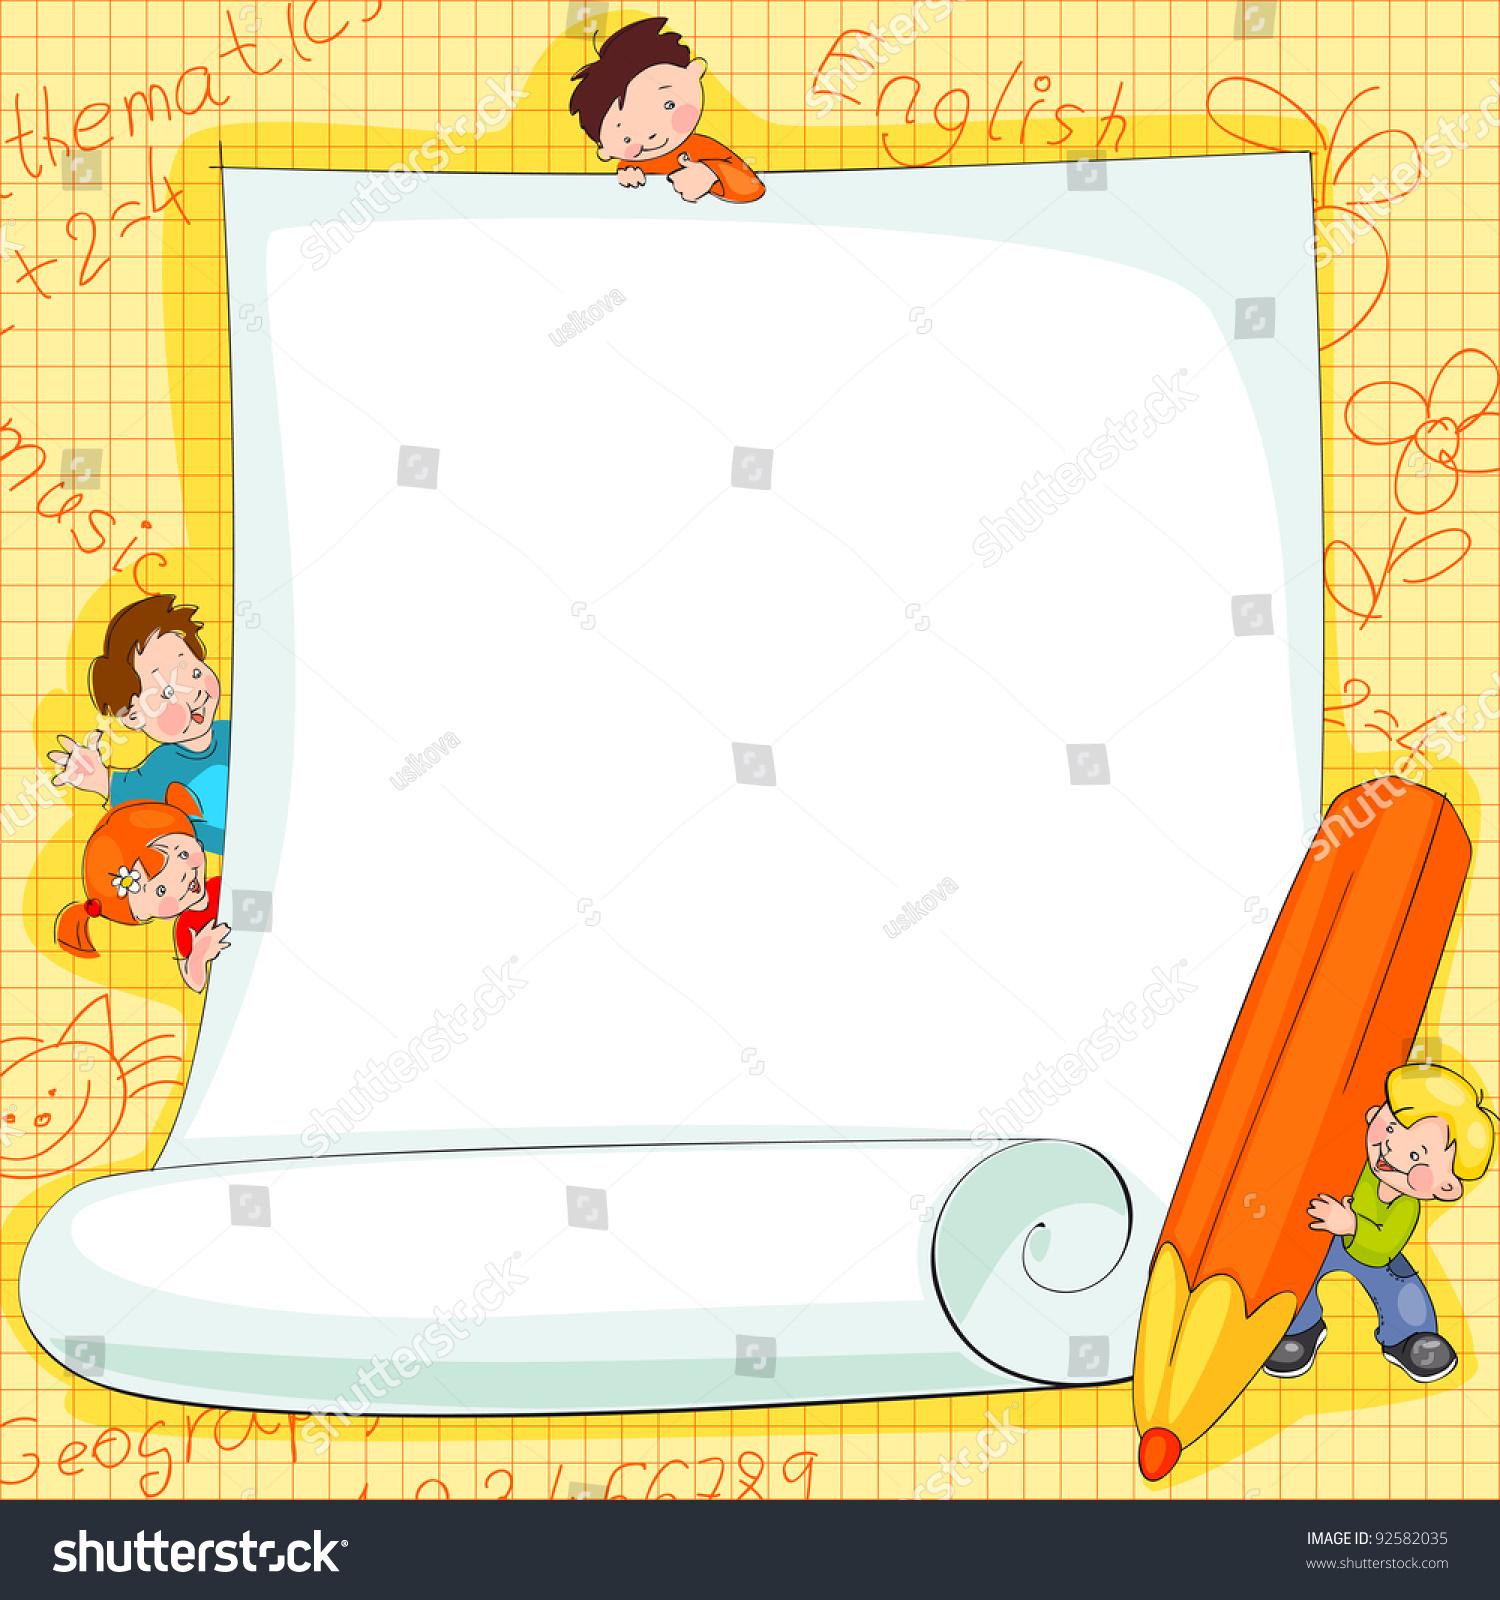 School kids background vector